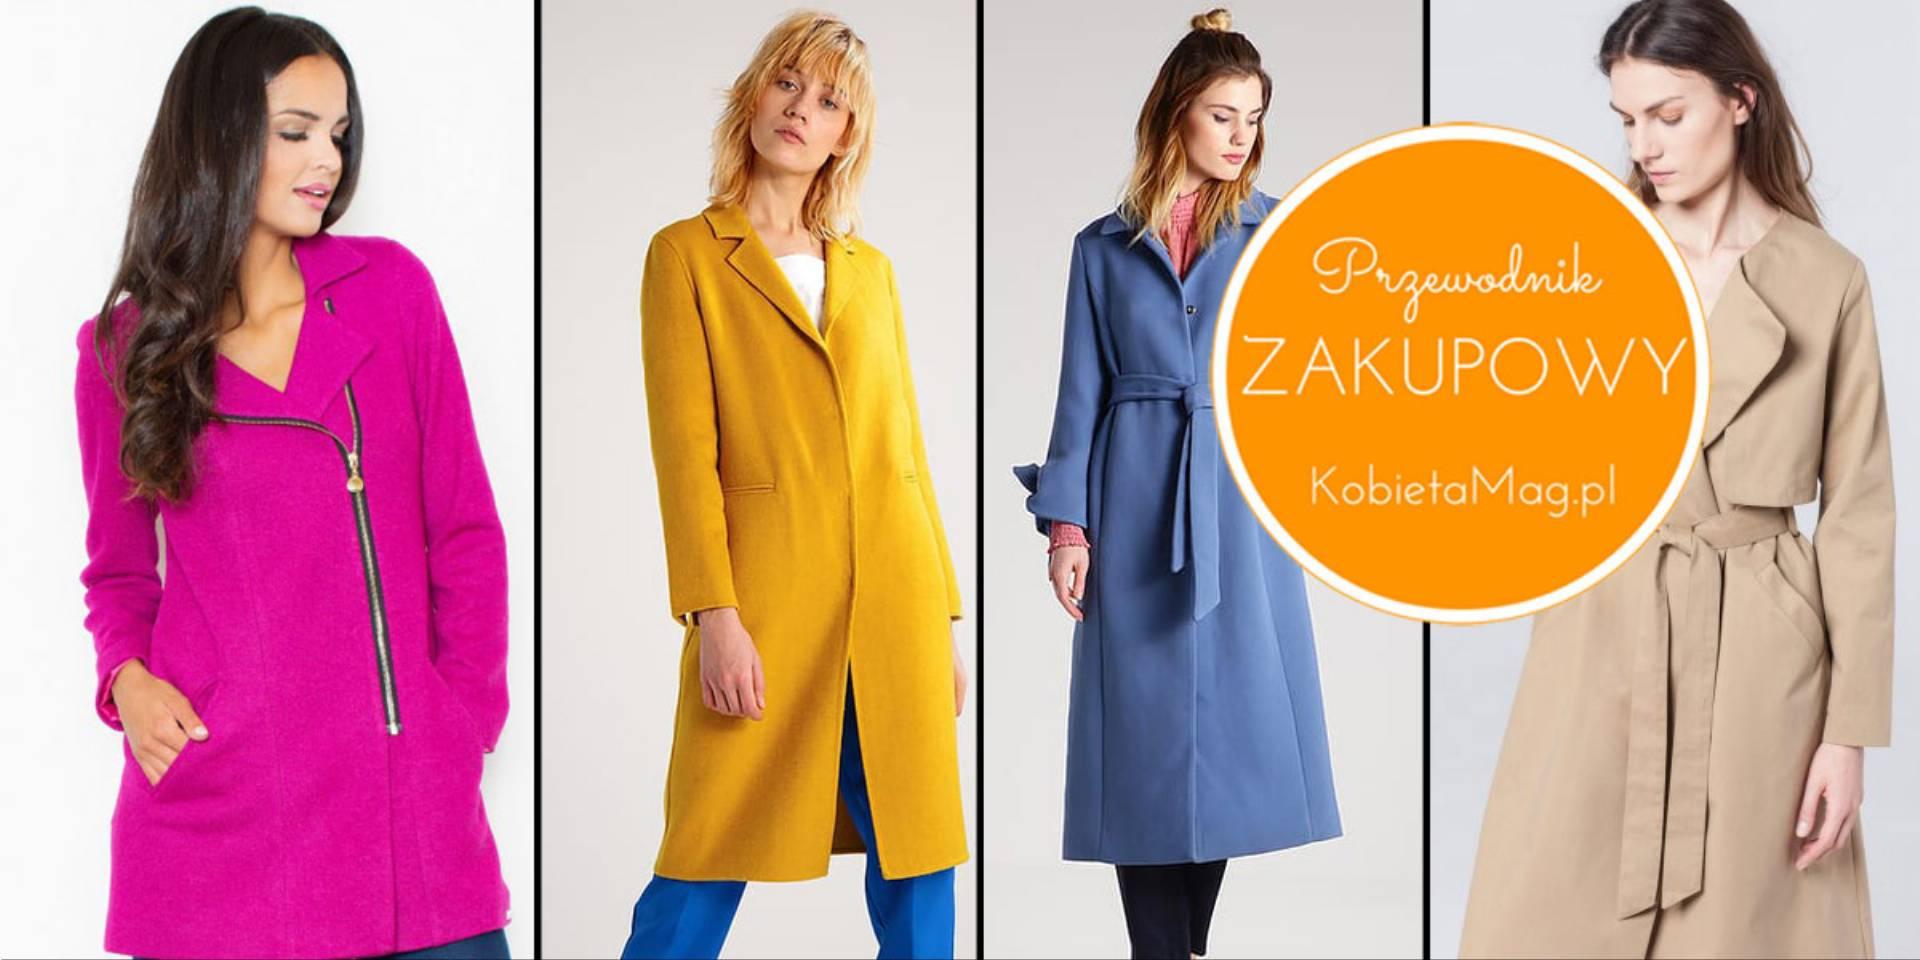 modne płaszcze na wiosnę 2017